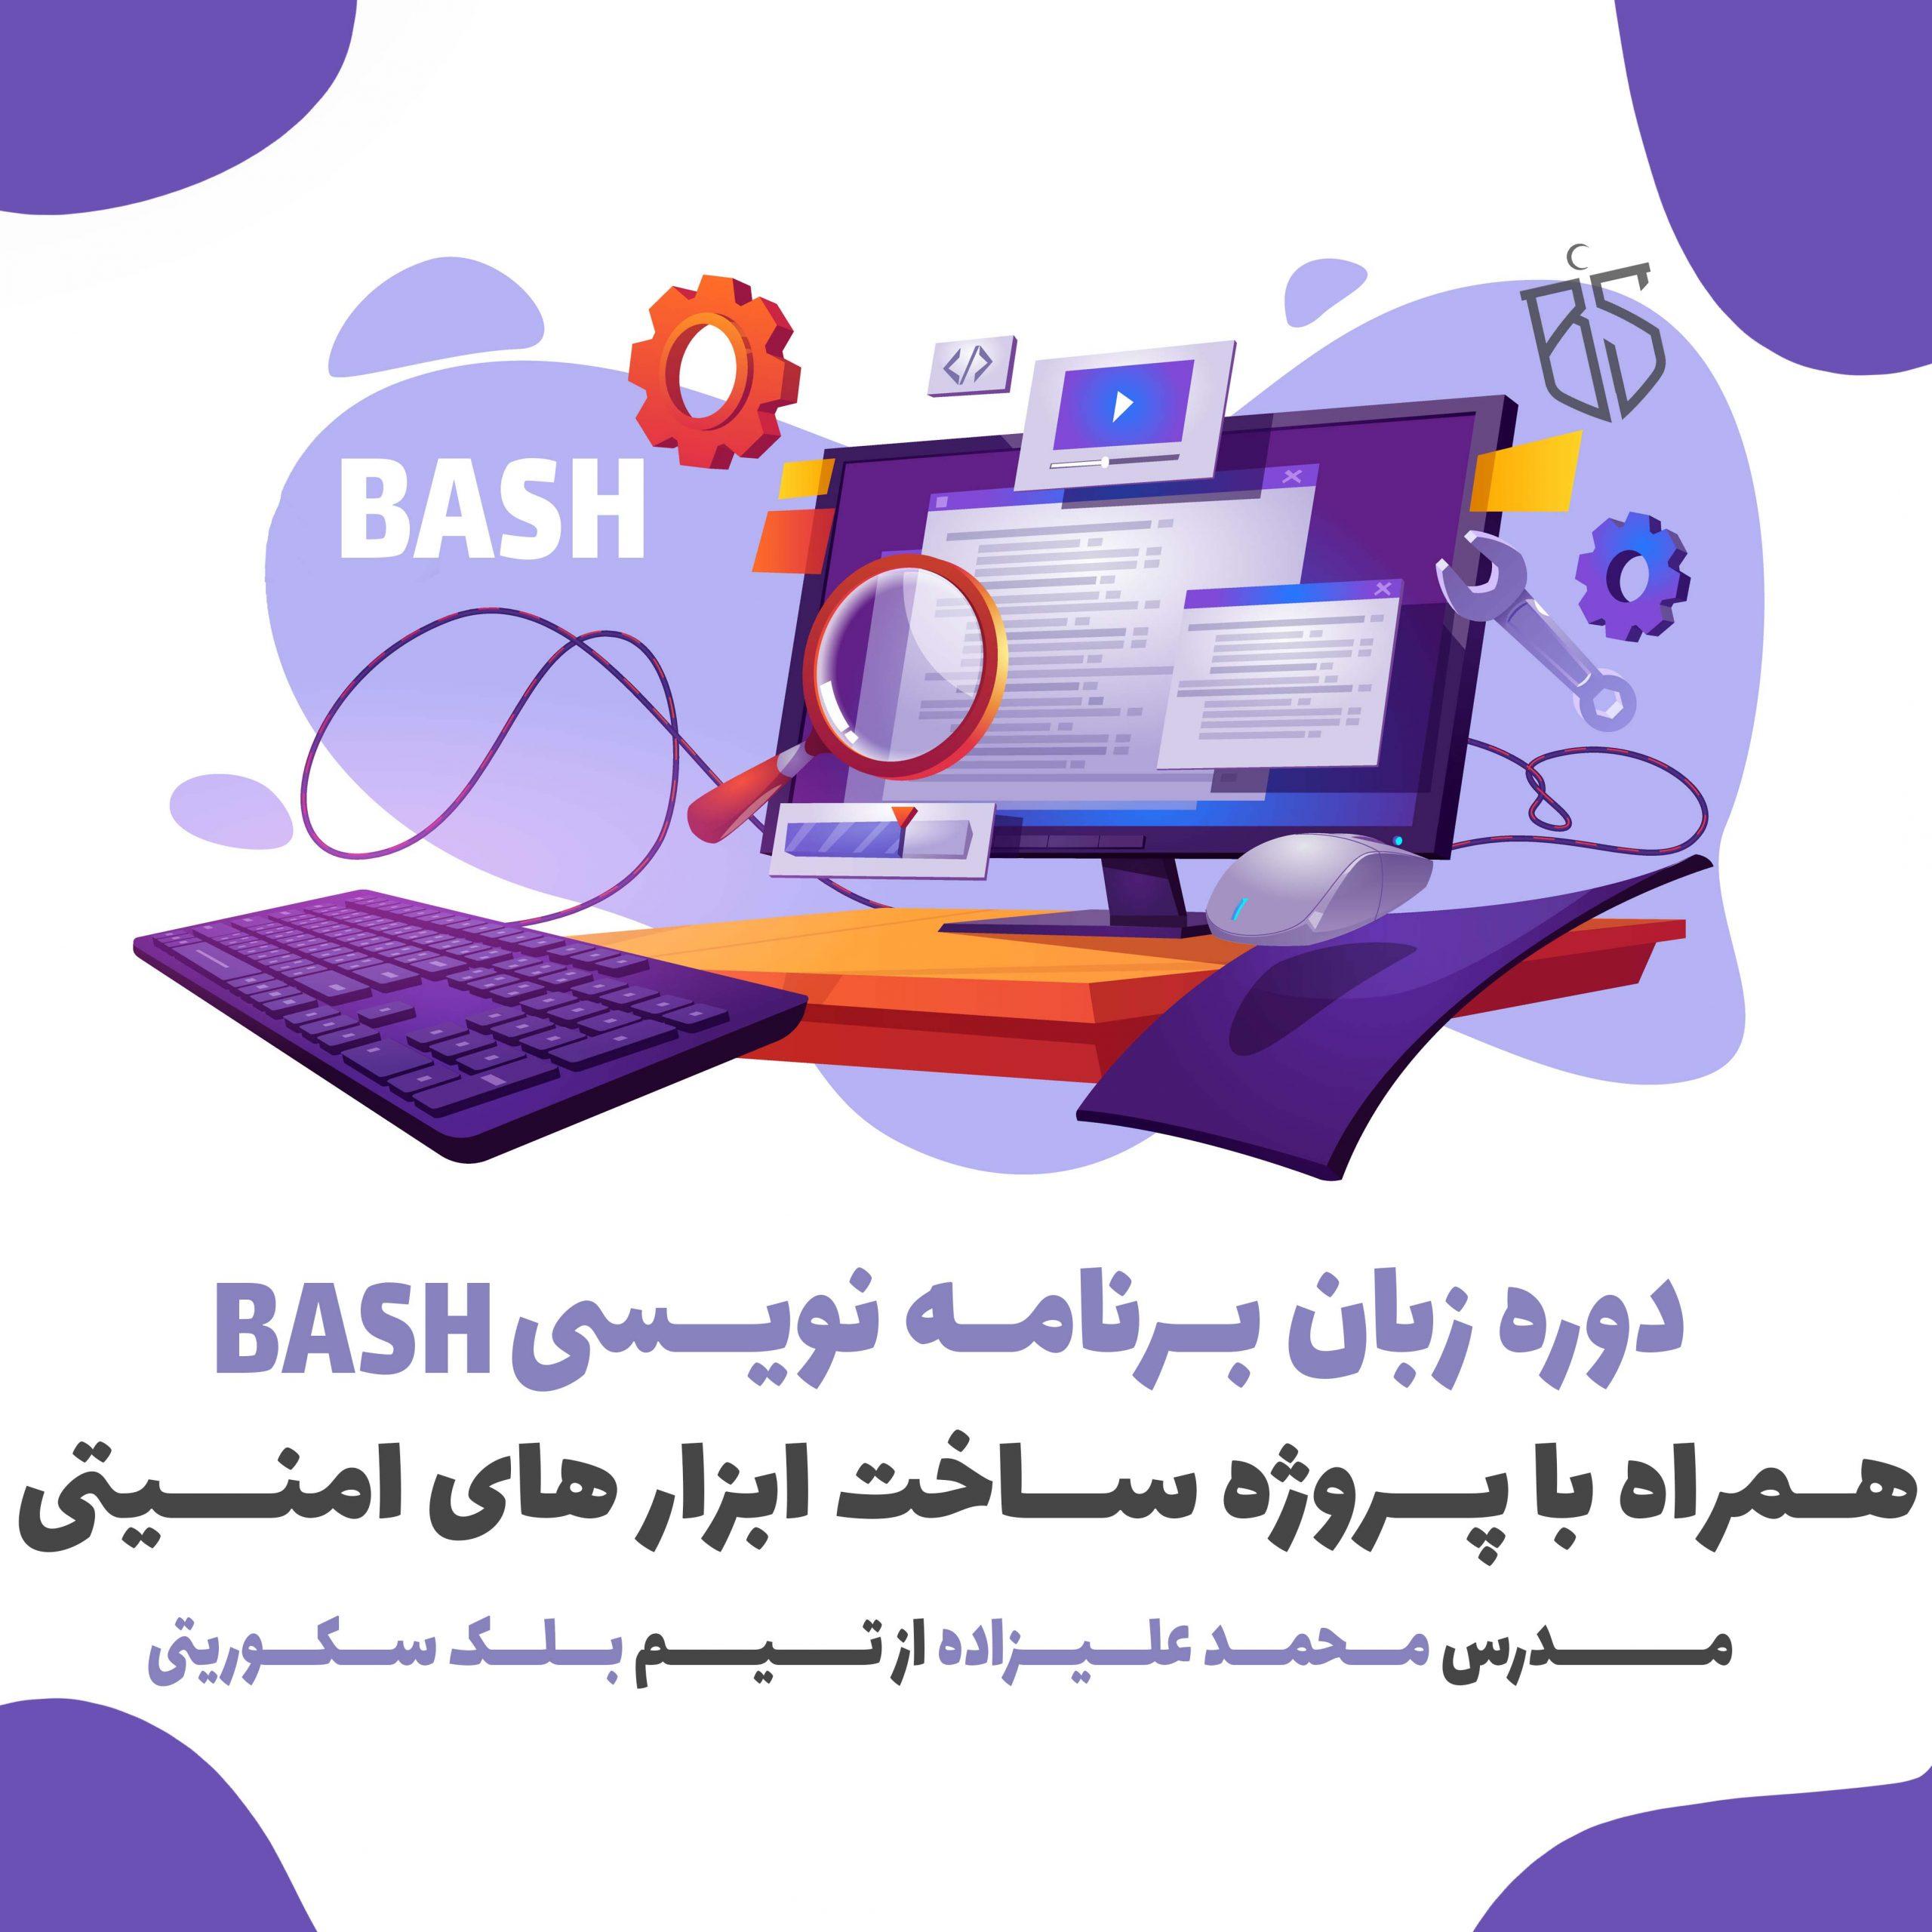 دوره bash script